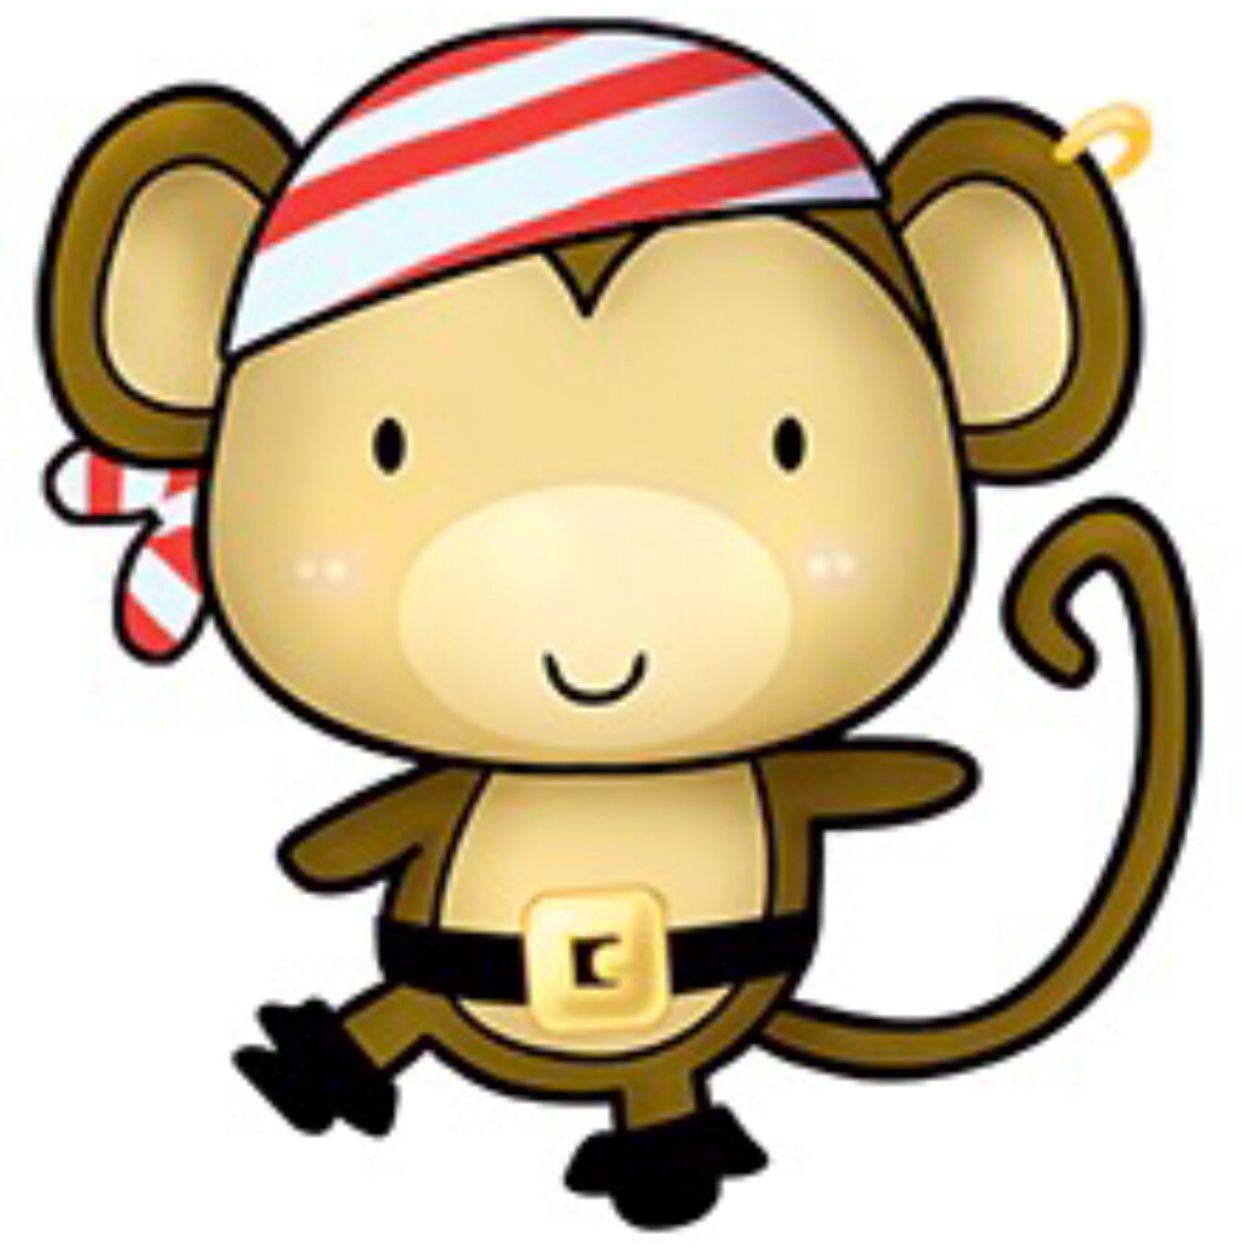 Pirate Monkey.